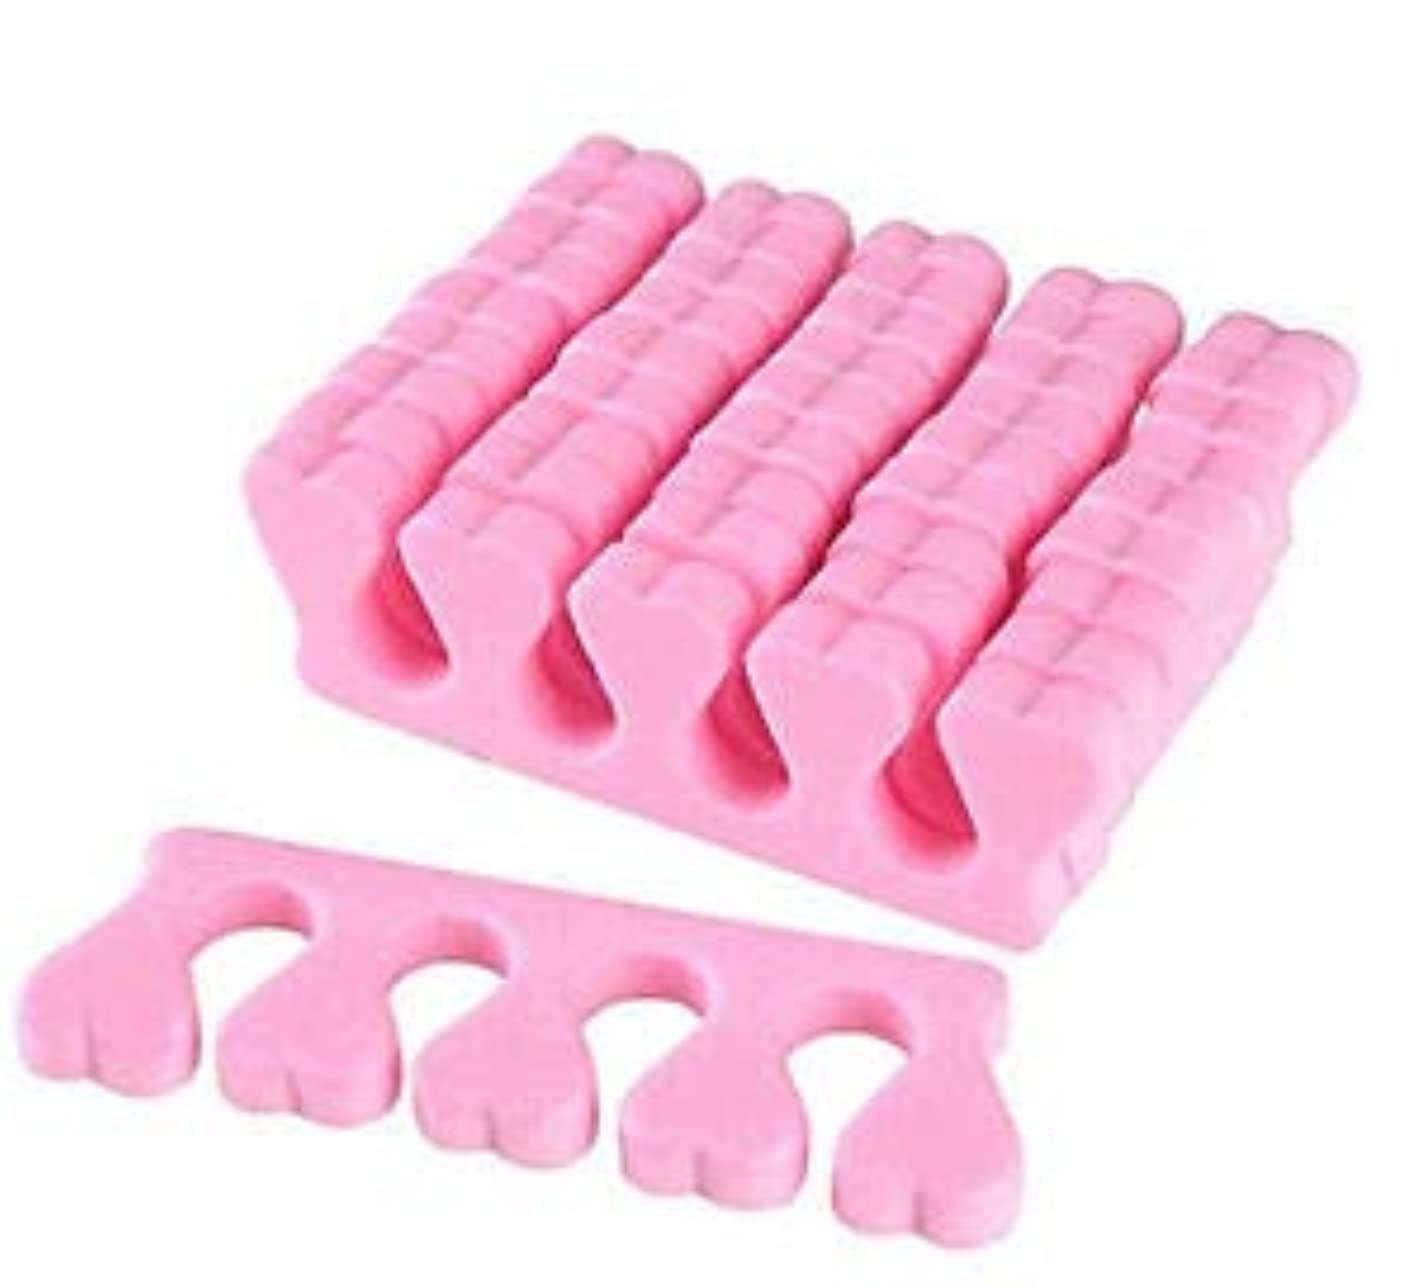 つま先のセパレータ 足指セパレーター ネイル アート つま先区切り アートペディキュア マニキュア 爪切りセット ピンク 50ペアセット